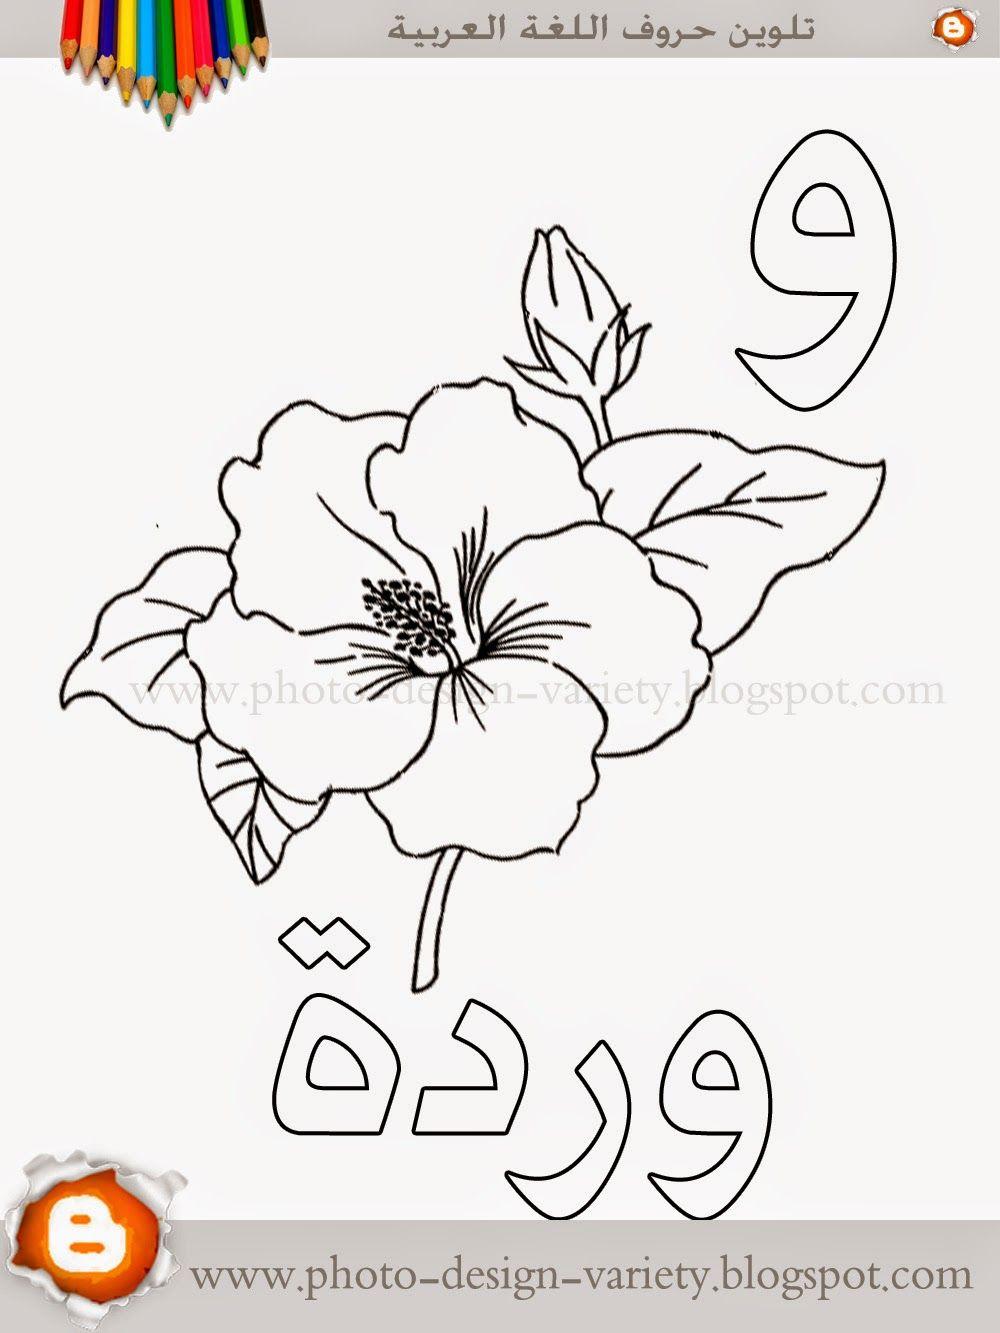 ألبومات صور منوعة البوم تلوين صور حروف هجاء اللغة العربية مع الأمثلة Alphabet Crafts Arabic Alphabet Alphabet Coloring Pages